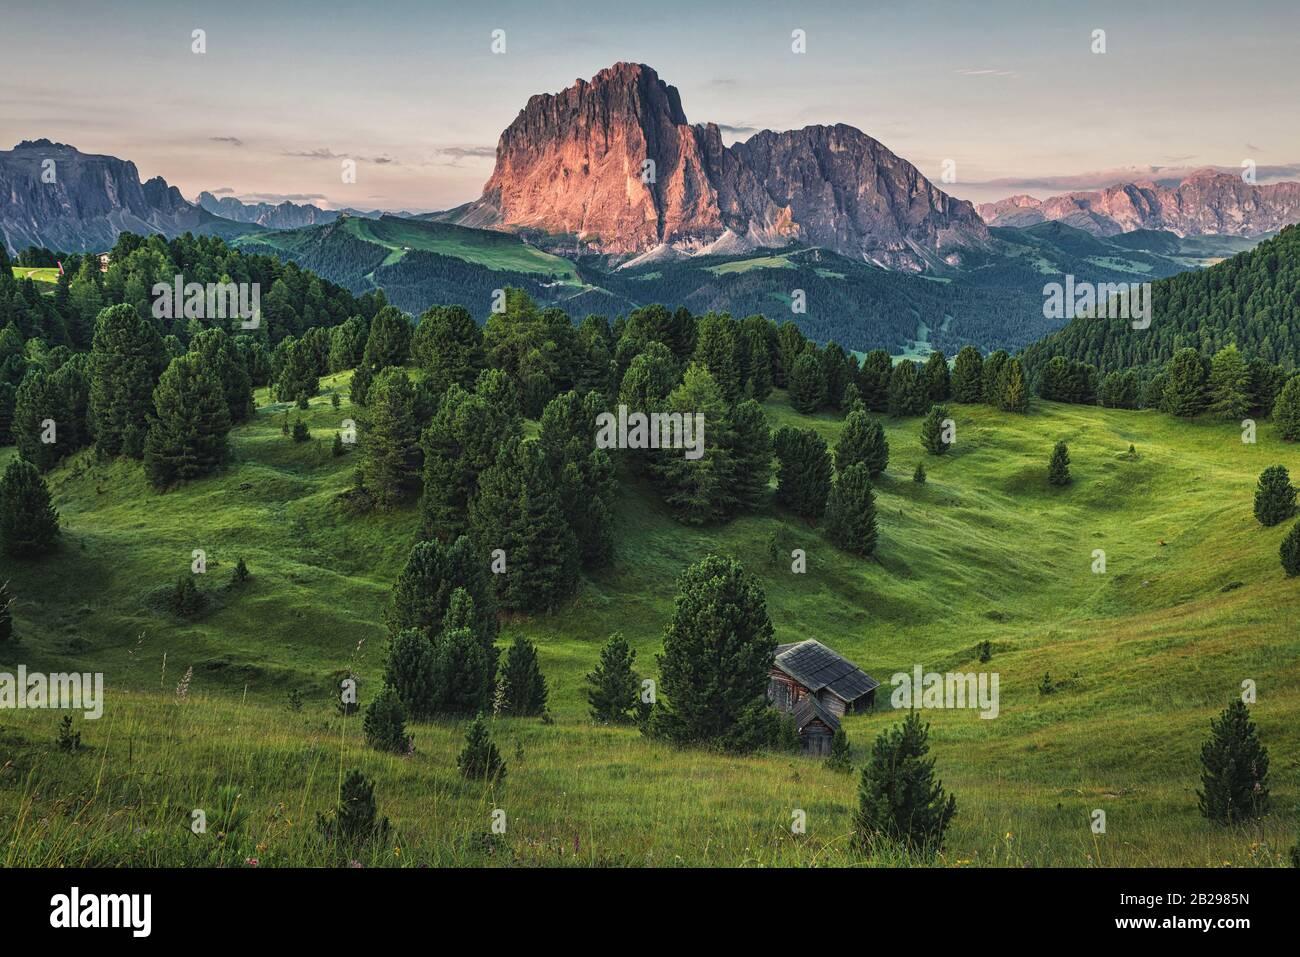 Belle montagne italiane Dolomiti paesaggio con prato e foresta in Alto Adige o Alto Adige all'alba. Italia, Europa Foto Stock